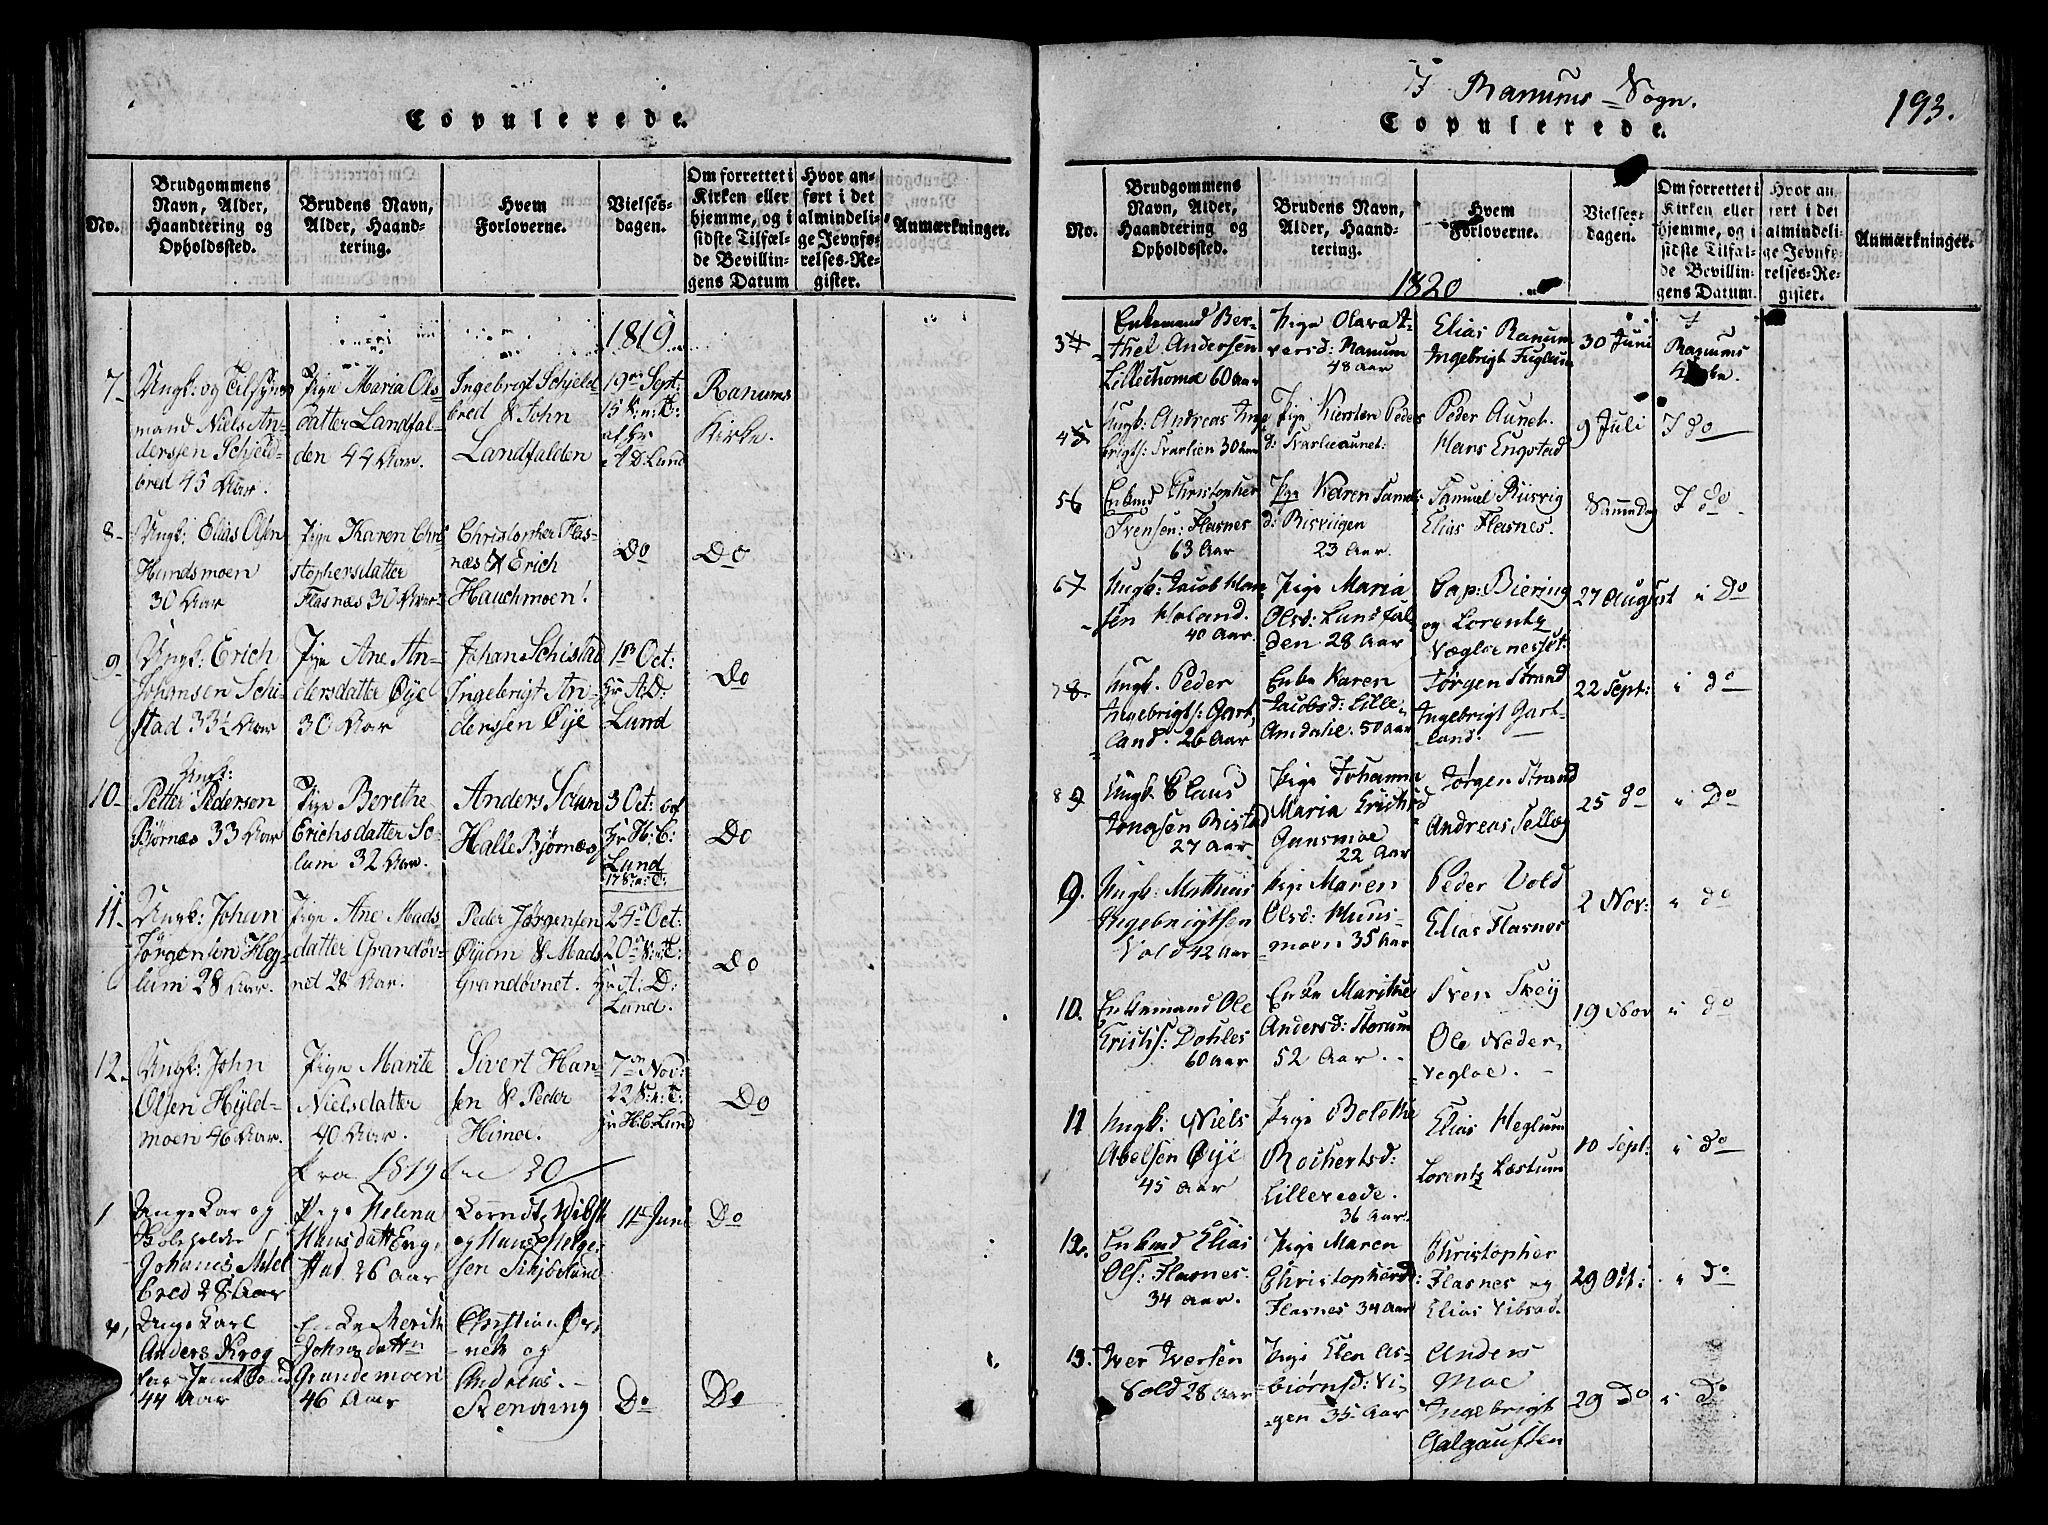 SAT, Ministerialprotokoller, klokkerbøker og fødselsregistre - Nord-Trøndelag, 764/L0546: Ministerialbok nr. 764A06 /1, 1816-1823, s. 193